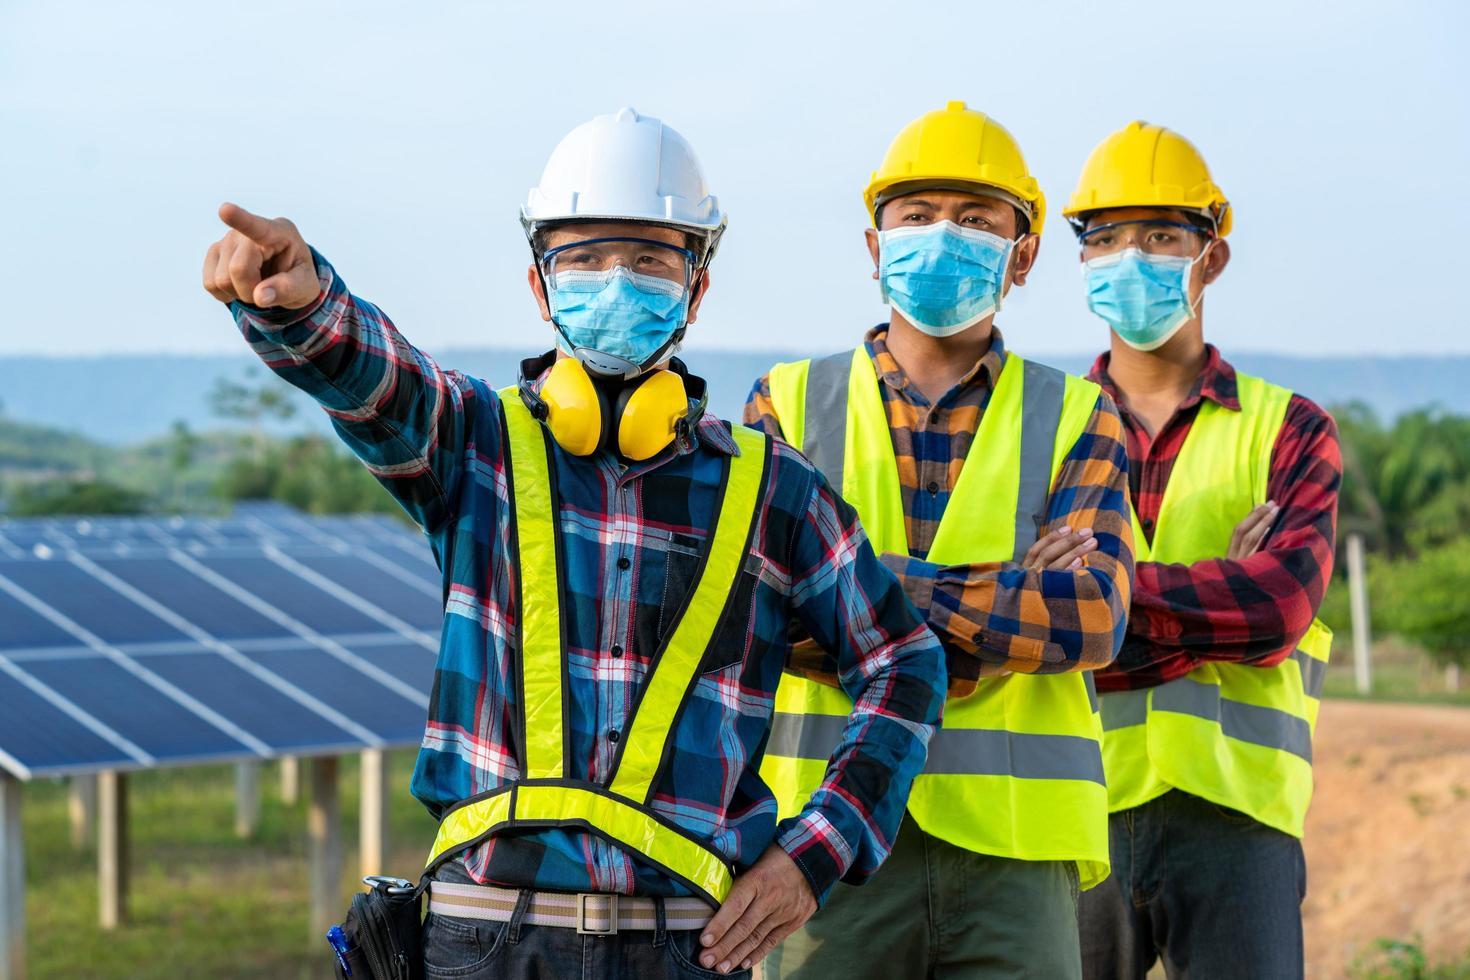 gemaskerde arbeiders naast zonnepaneel foto